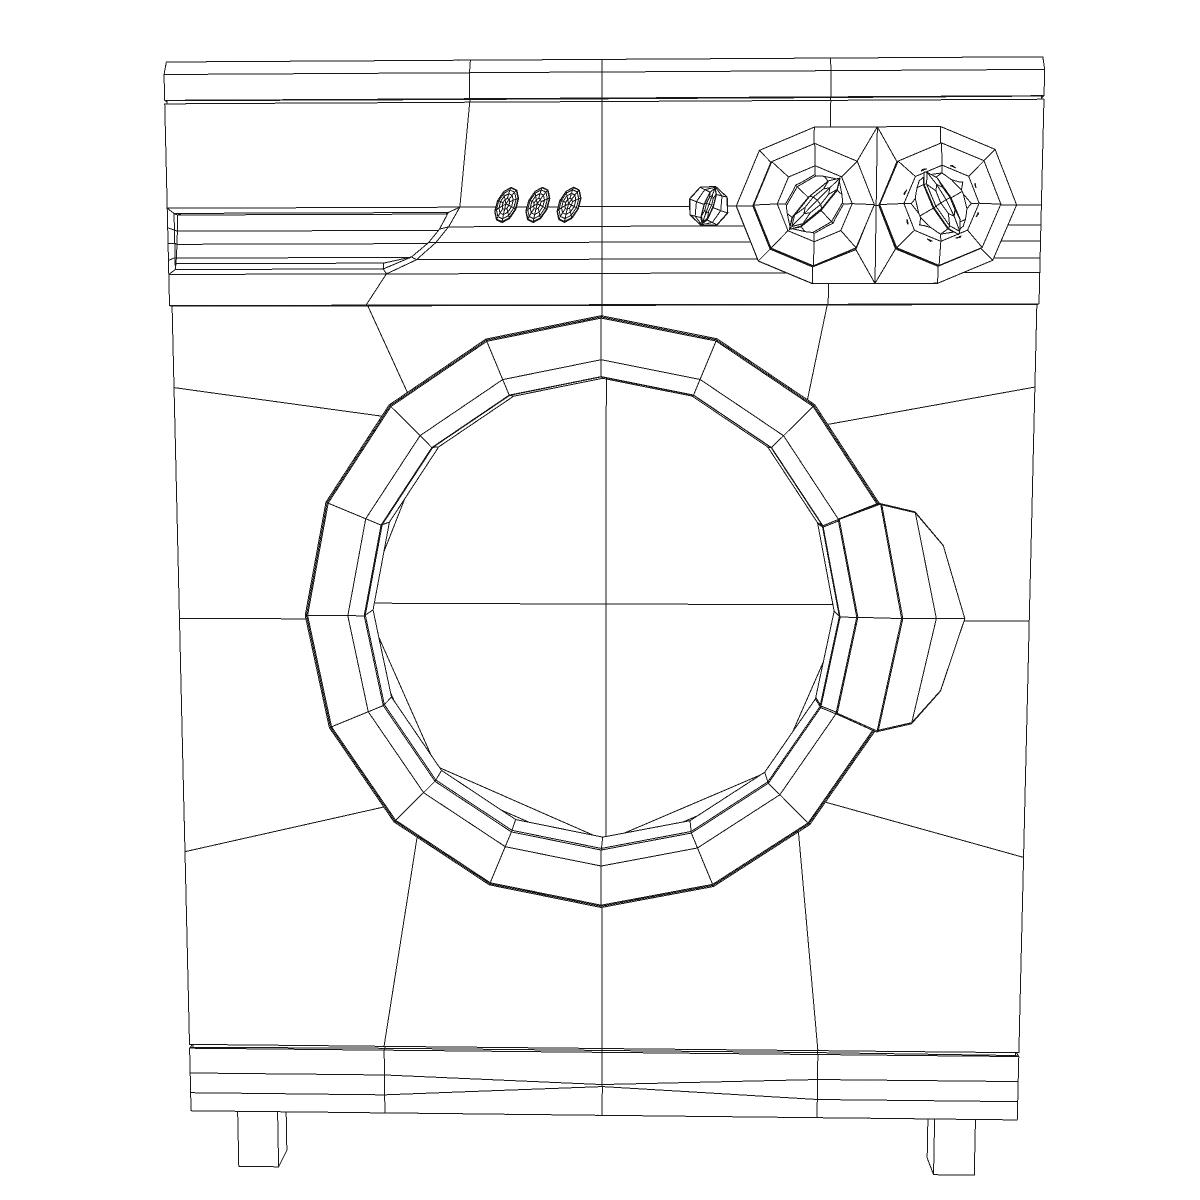 washermachine 3d model 3ds max fbx ma mb obj 158872